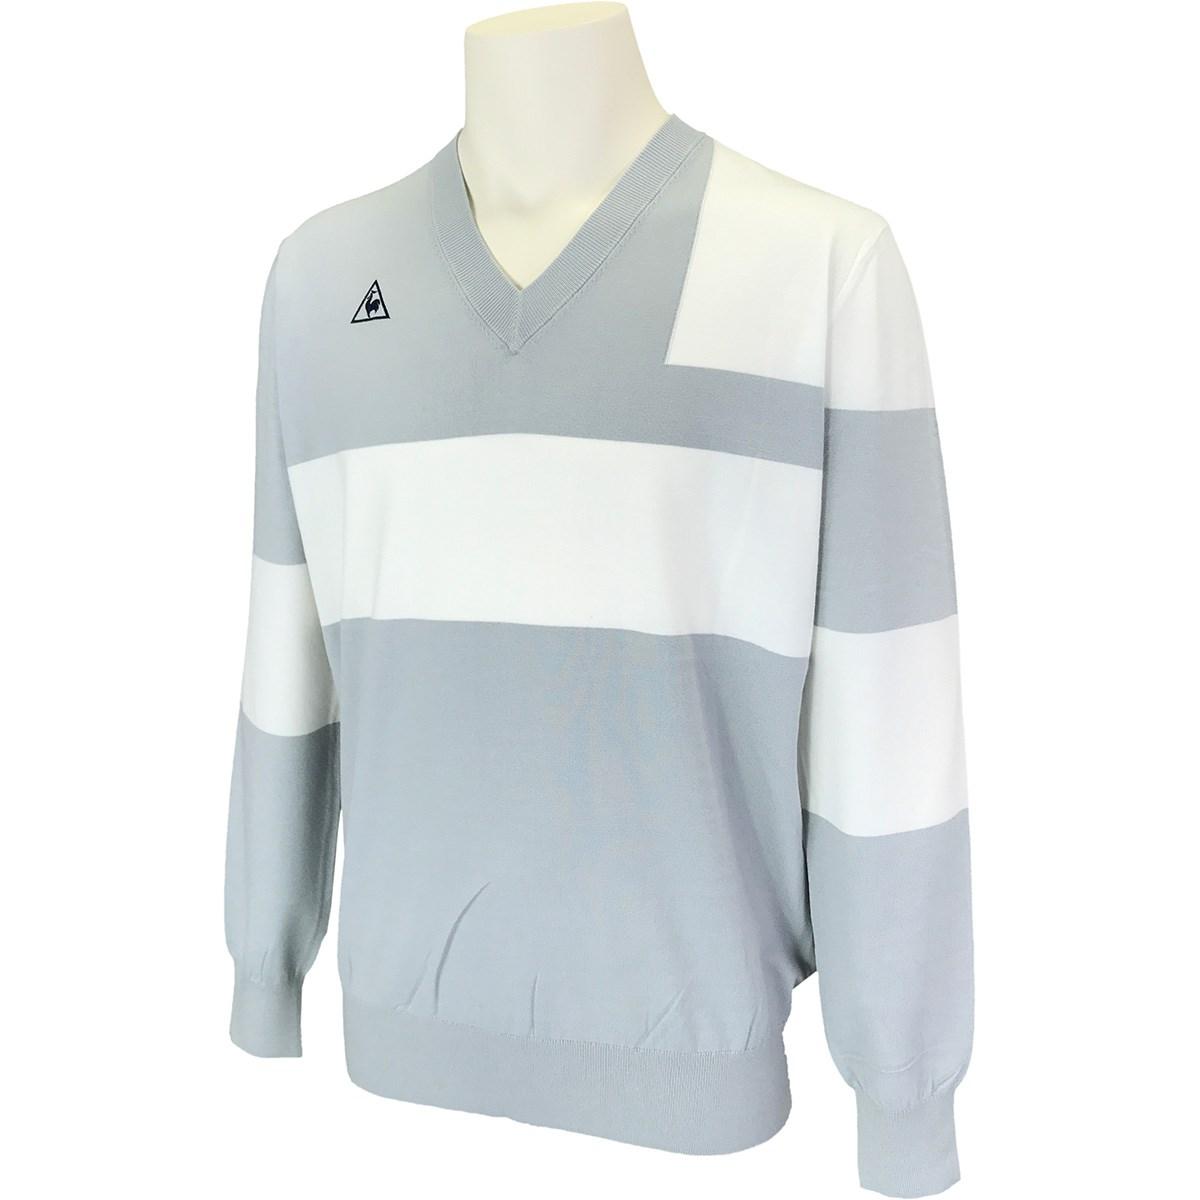 ルコックゴルフ Vネックパネルセーター